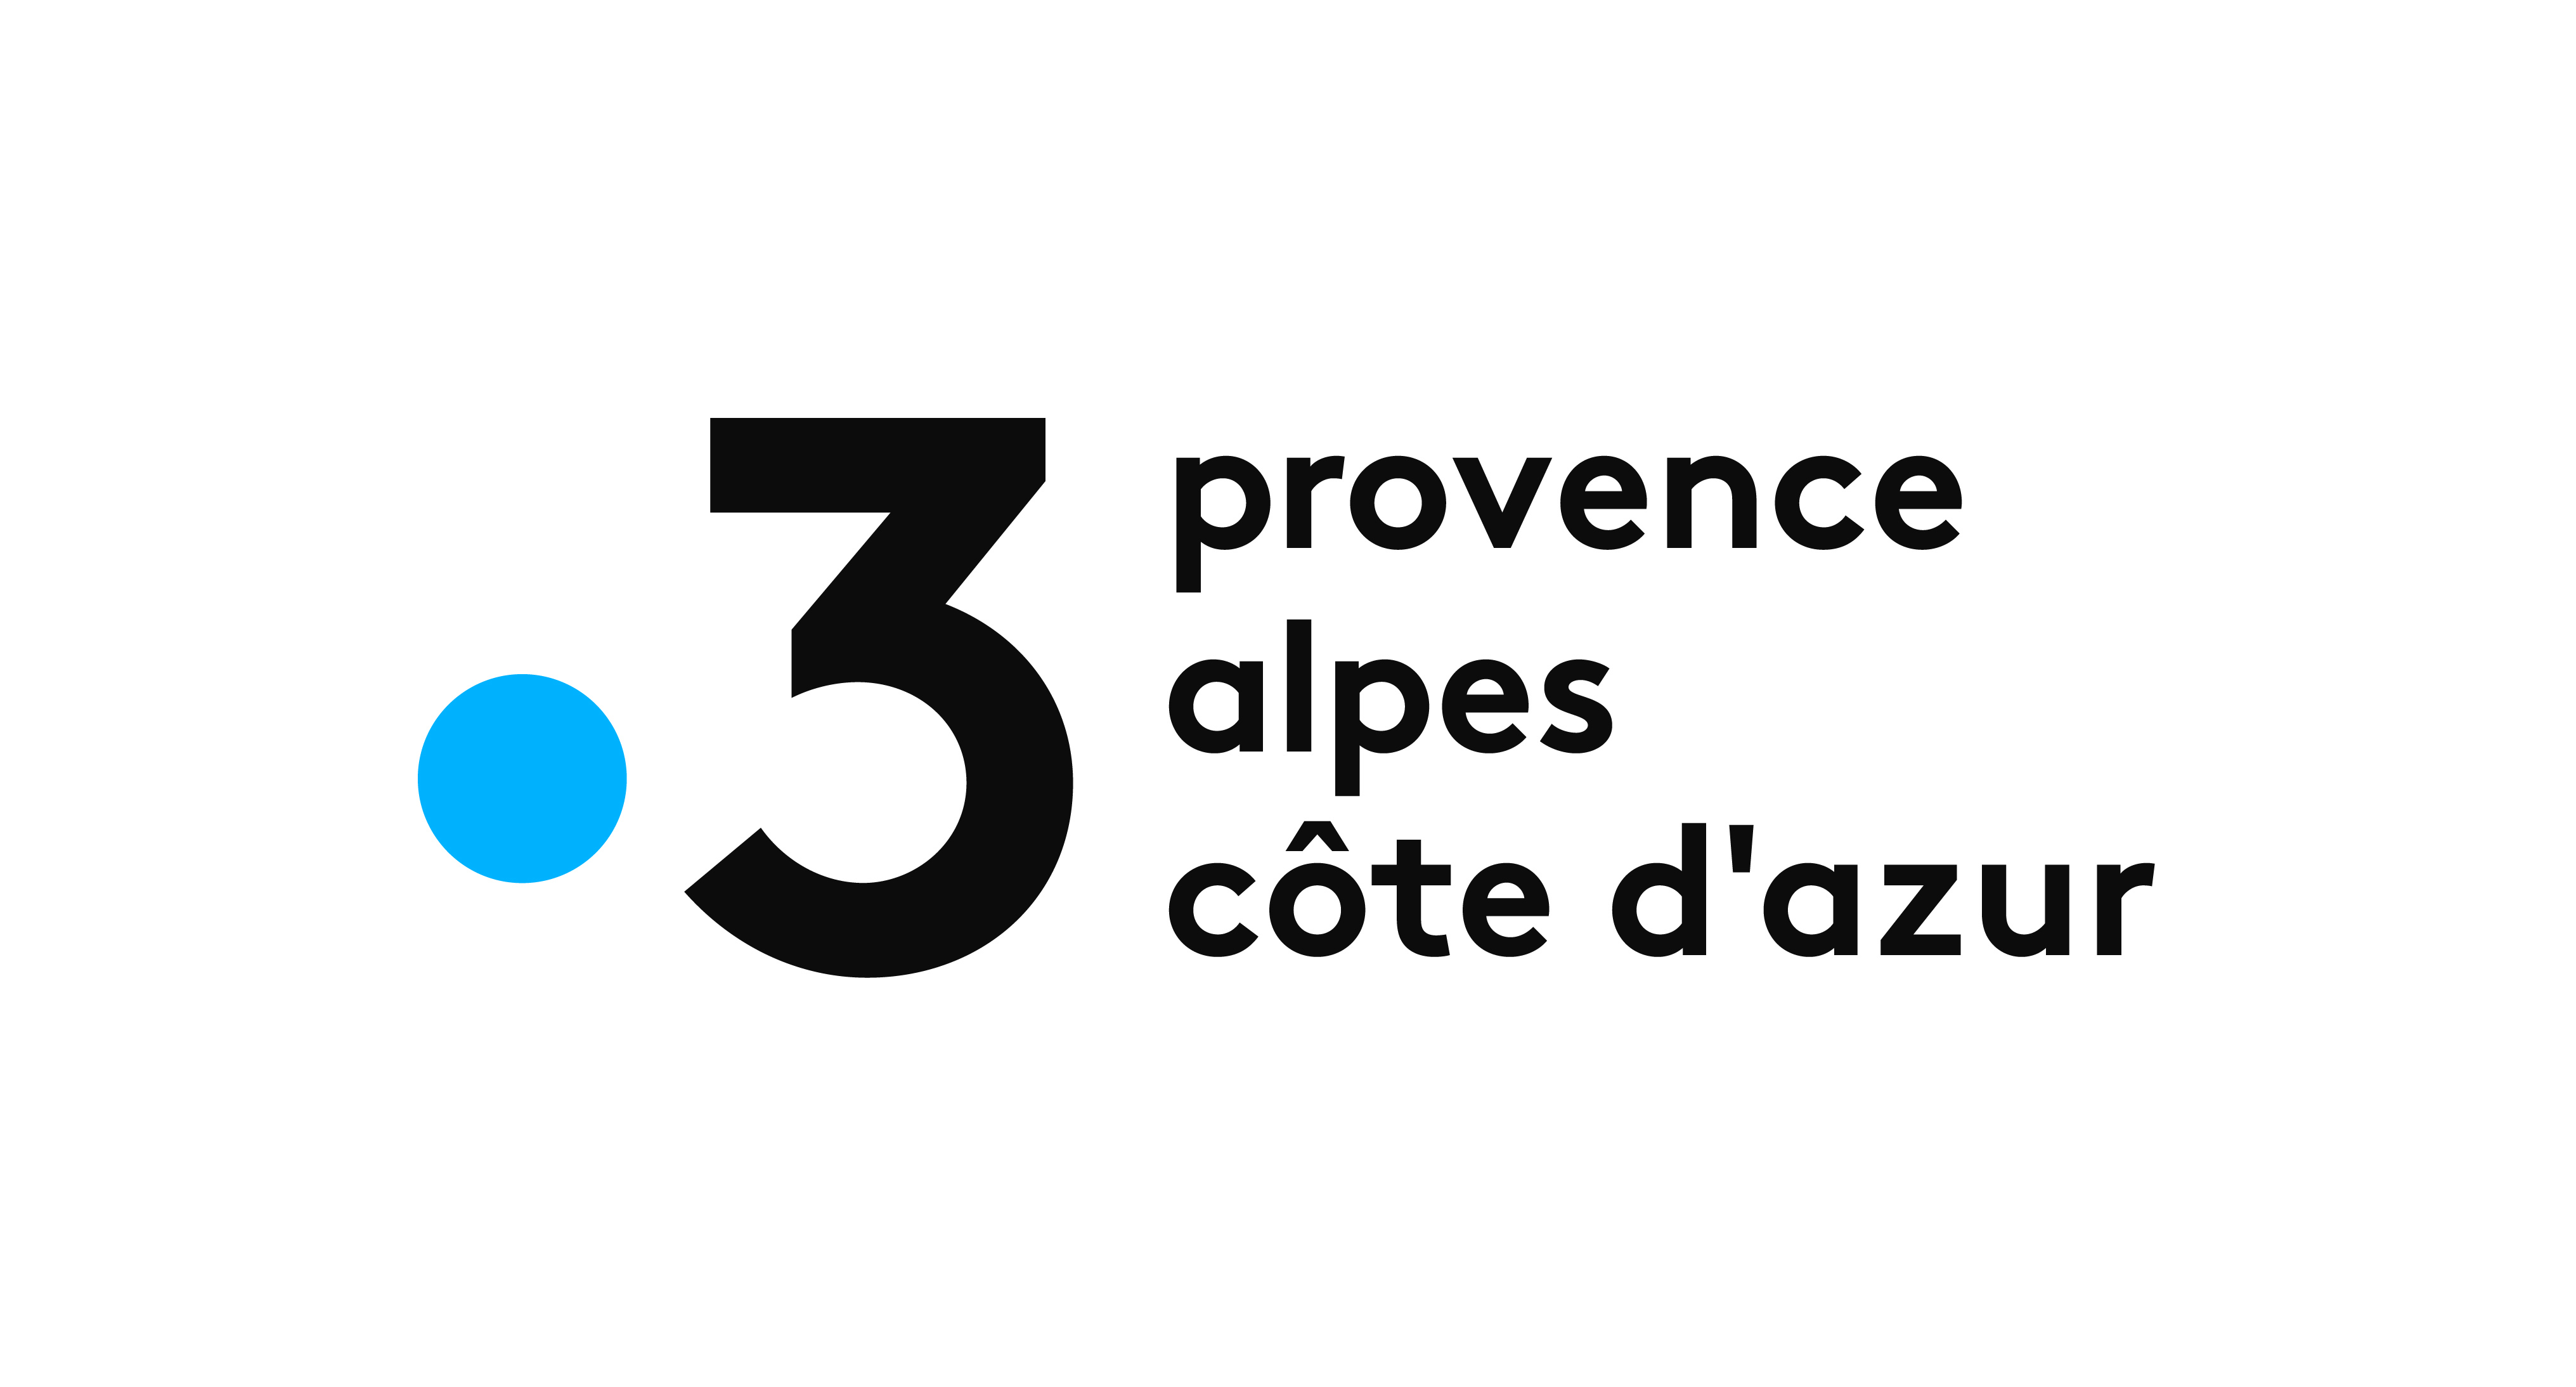 https://france3-regions.francetvinfo.fr/provence-alpes-cote-d-azur/bouches-du-rhone/marseille/viensvoirmontaf-association-qui-aide-collegiens-reseau-trouver-stage-1477897.html